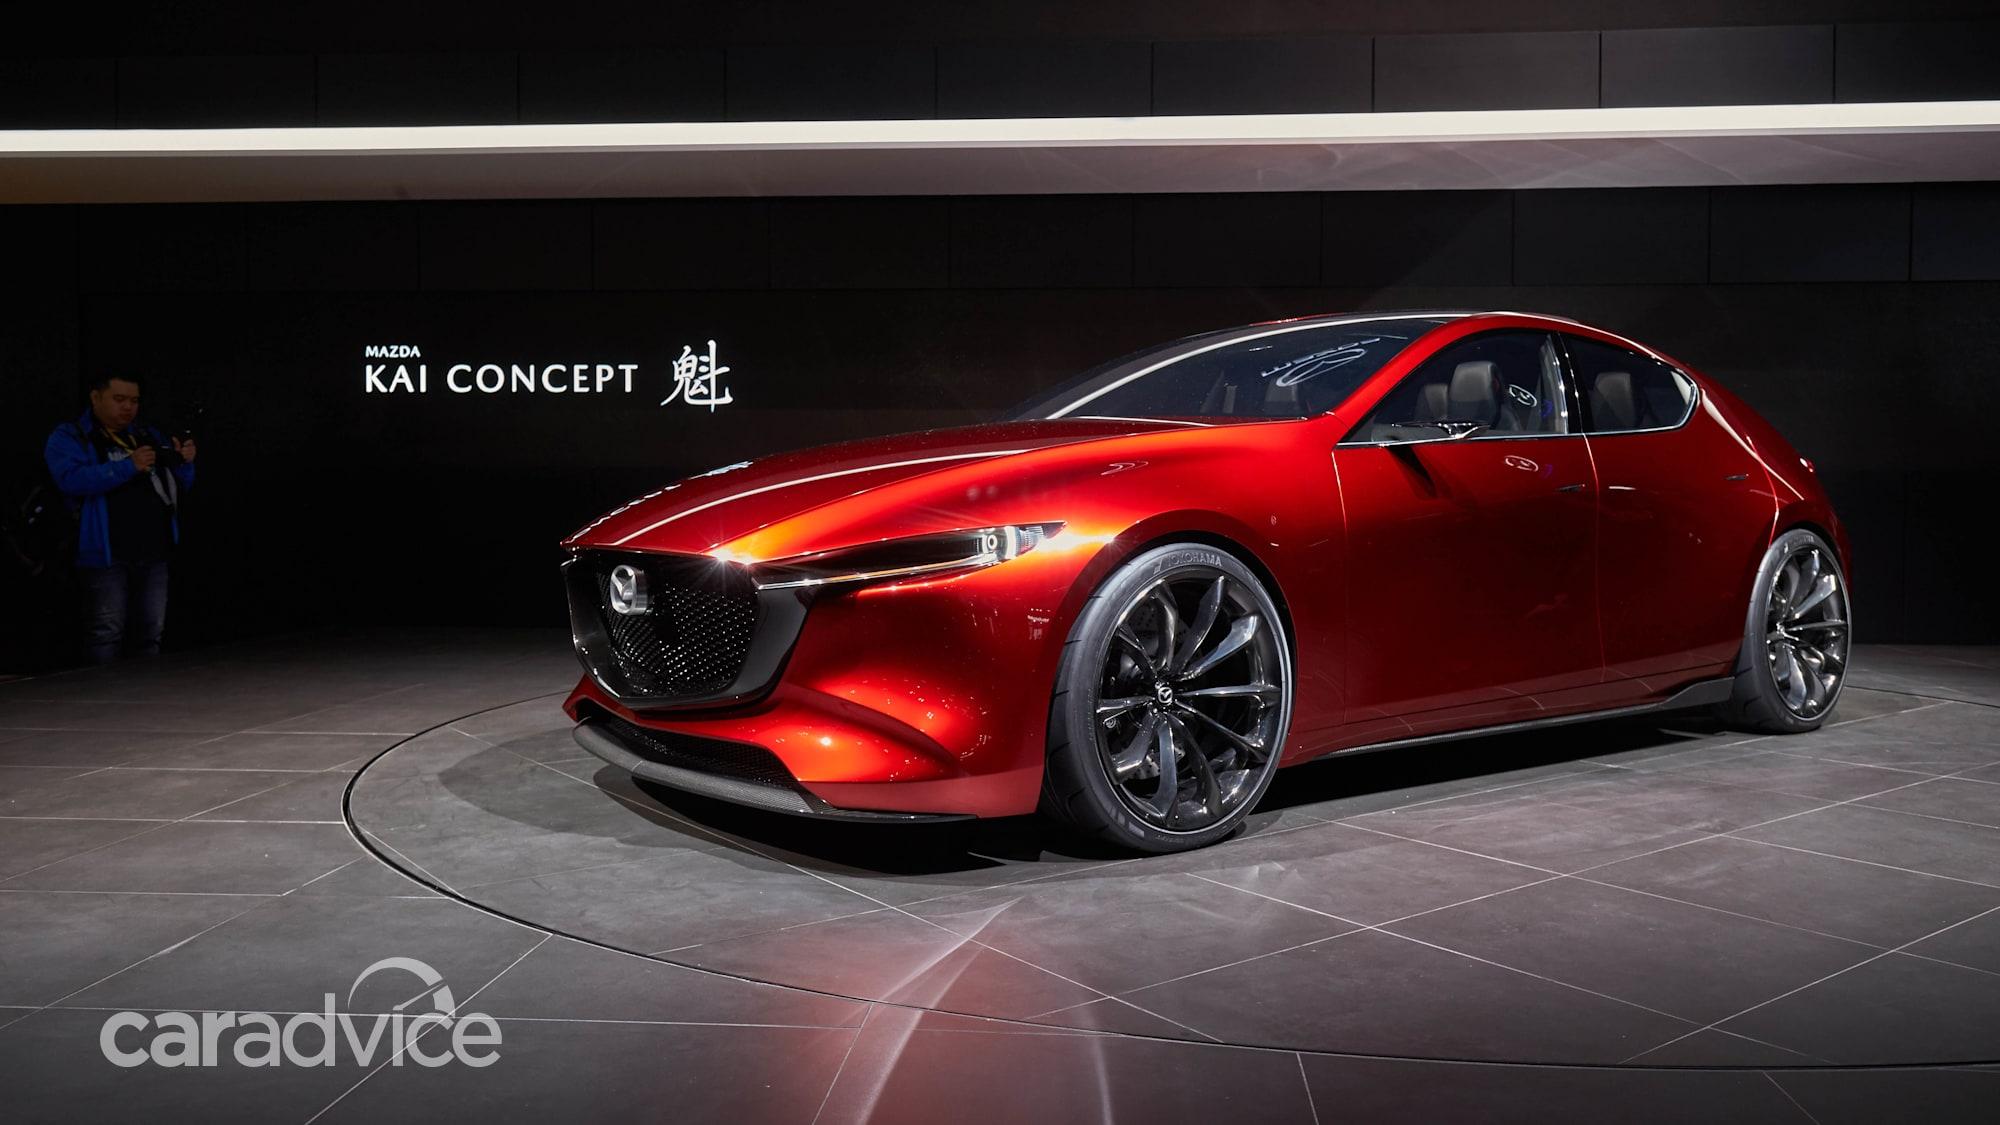 mazda kai concept previews 2019 mazda 3  caradvice